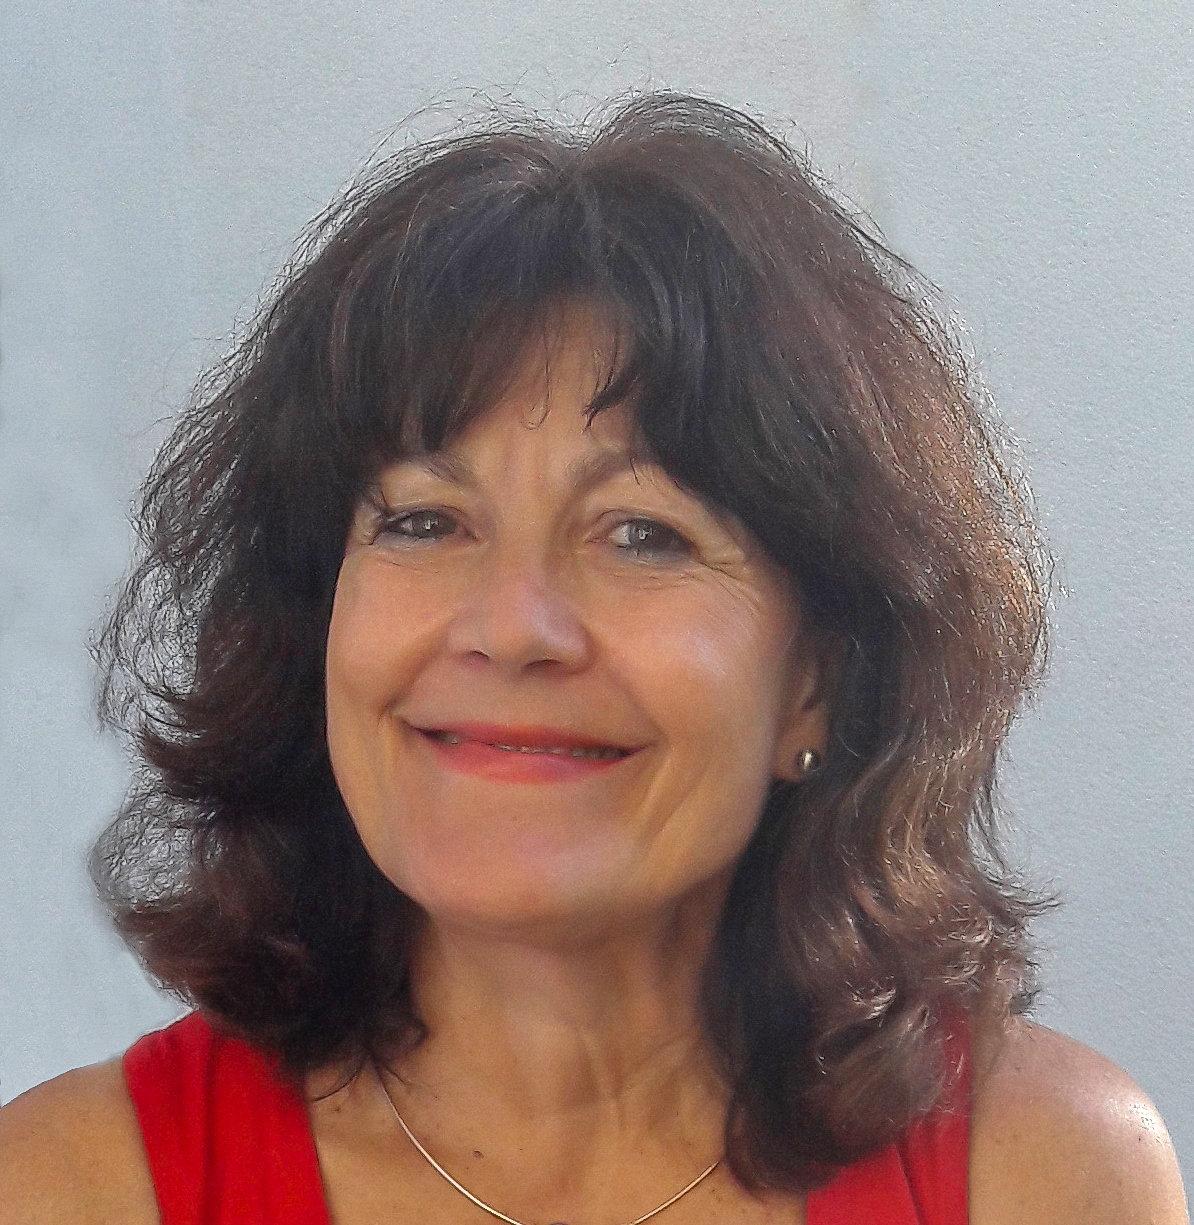 Profilbild Kerstin Schweighöfer